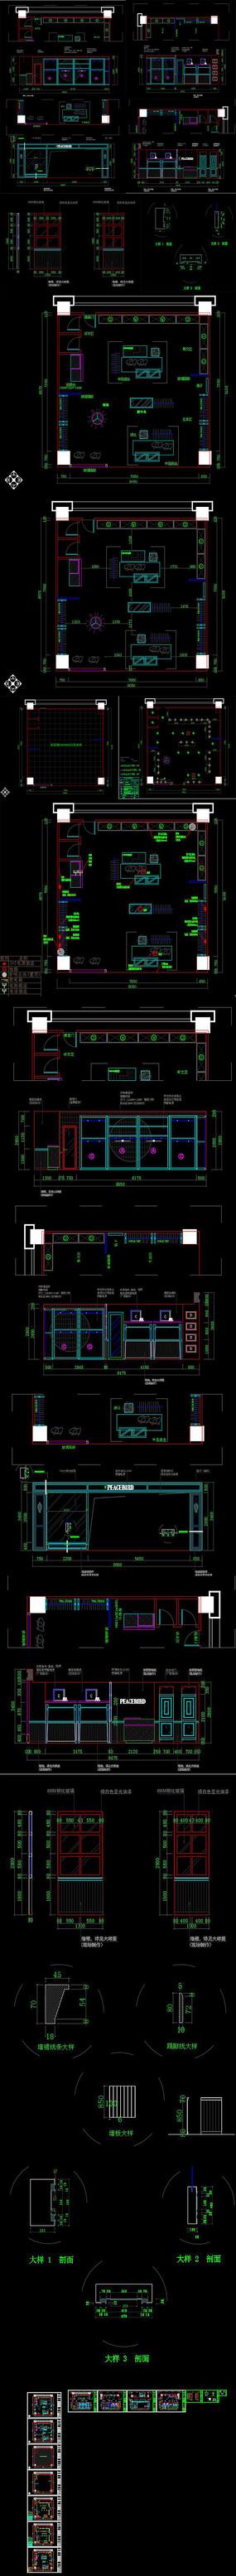 某男装店CAD施工图